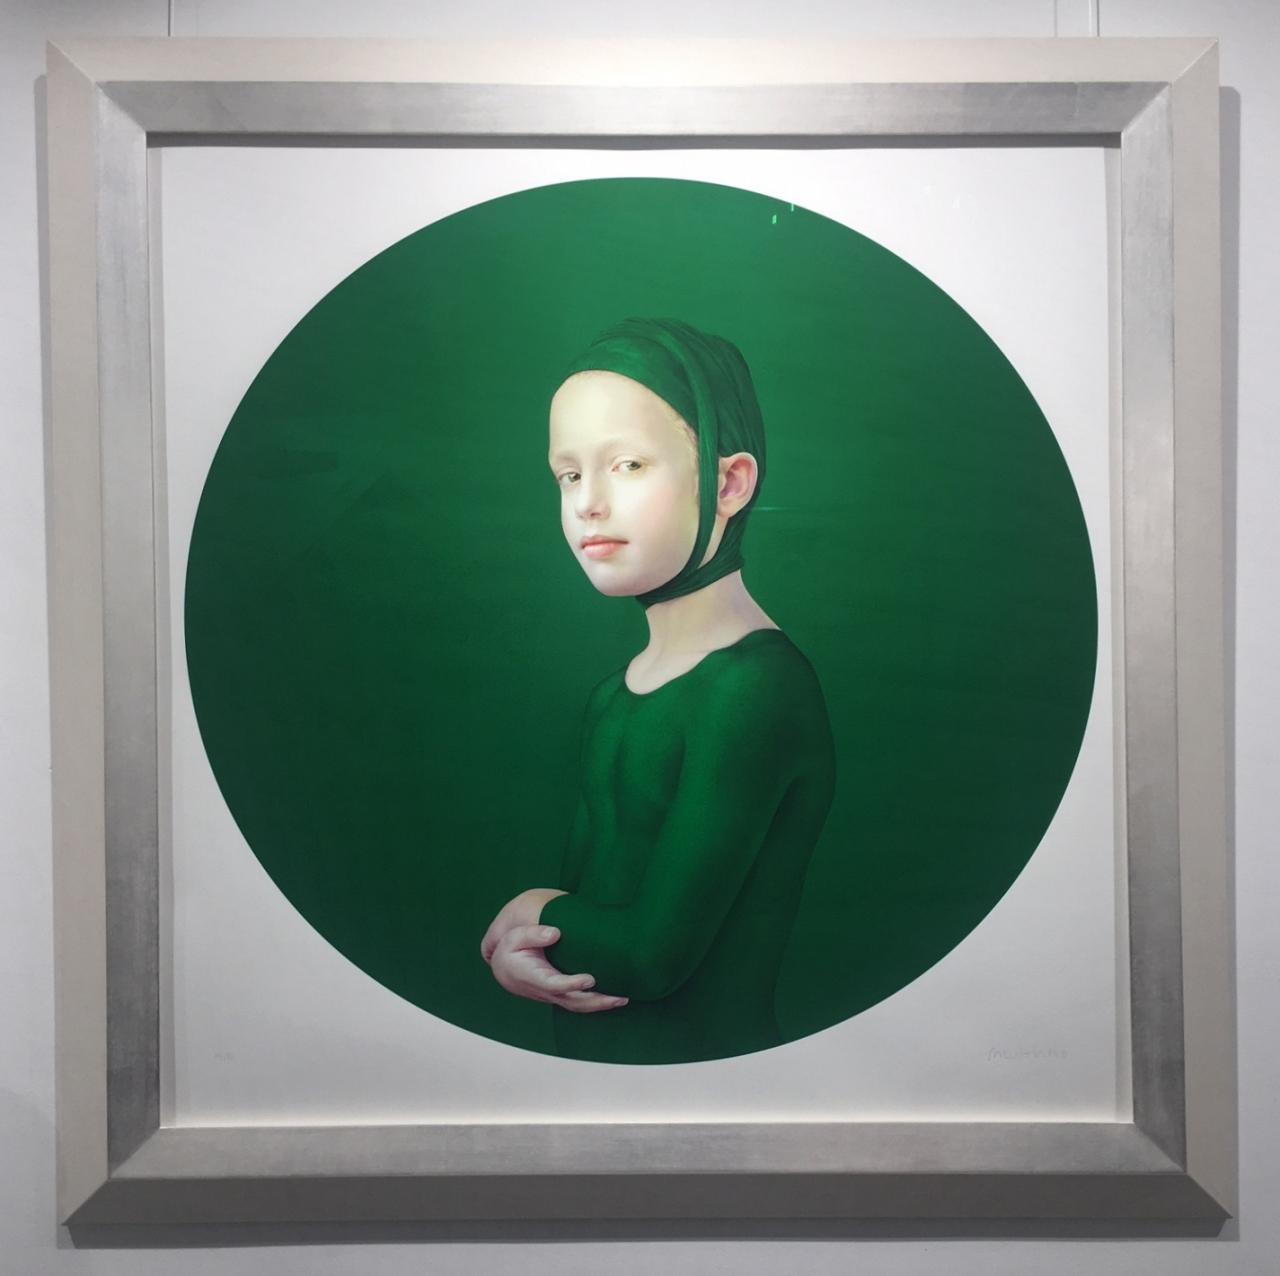 Roses June Stillness (grün), 2018, gerahmt